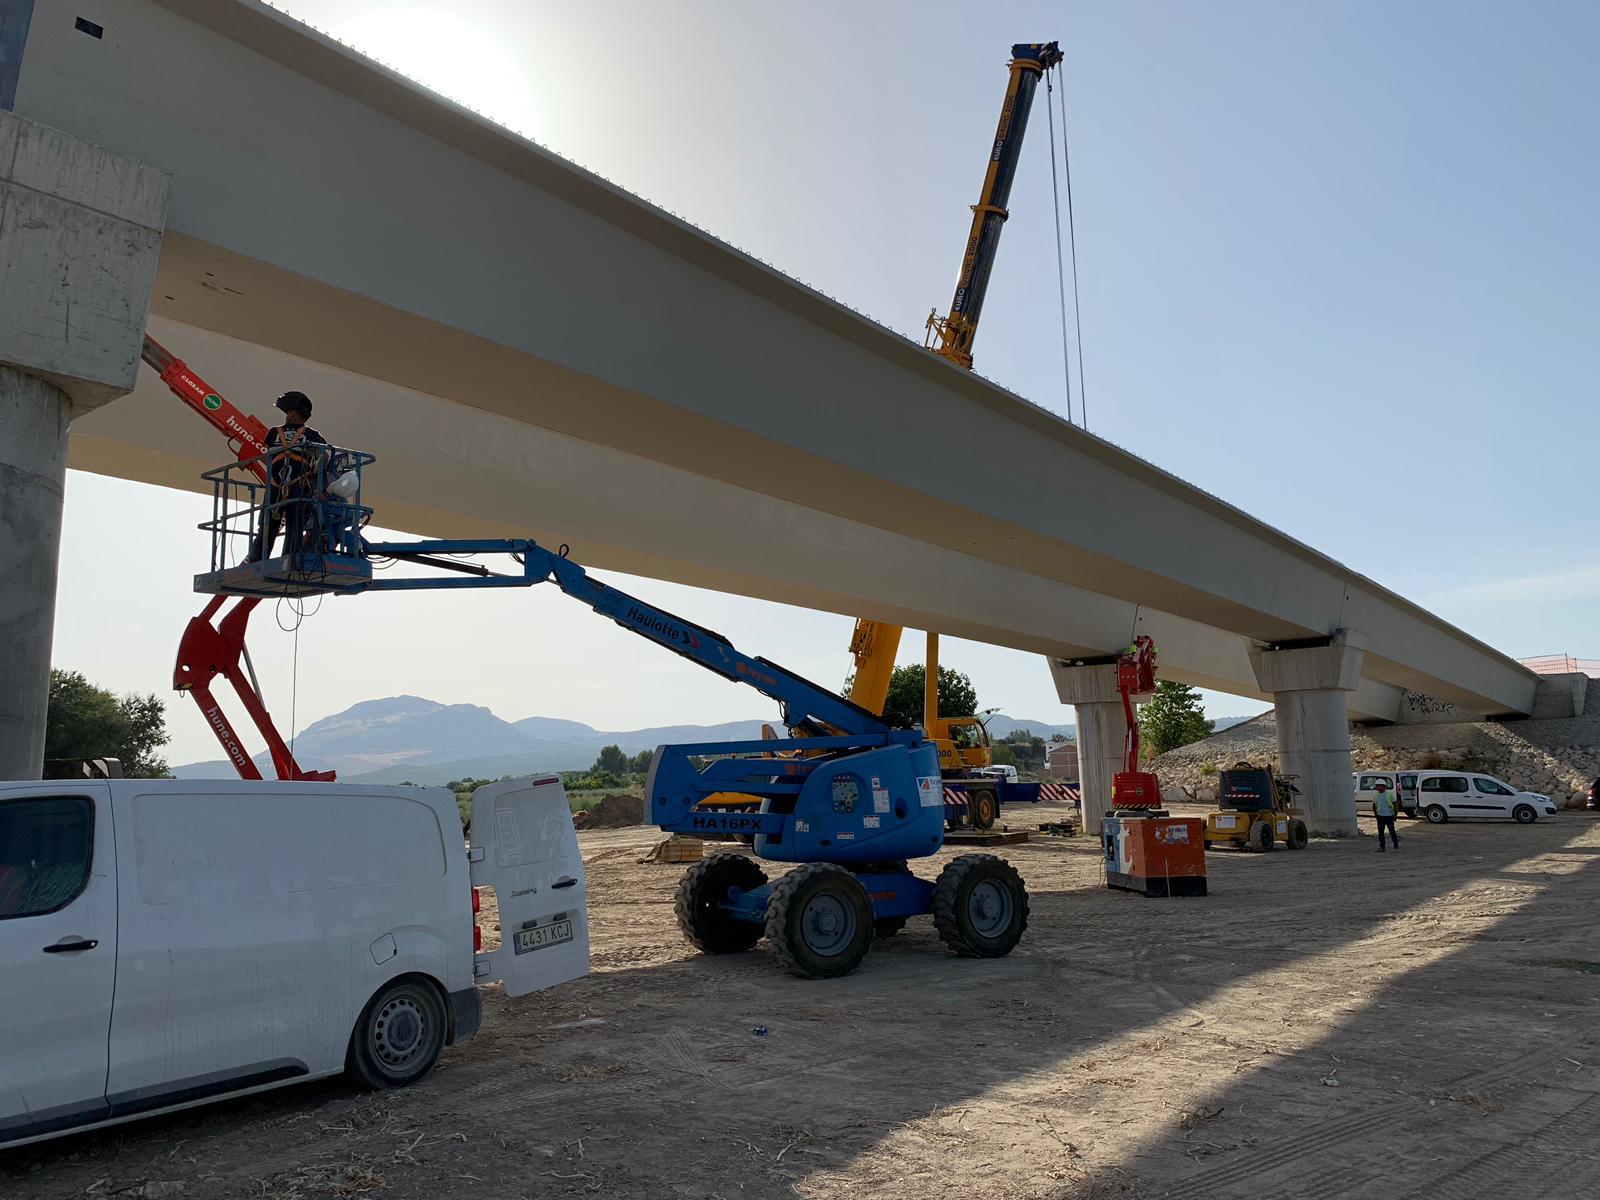 Arranca la primera fase de la colocación de vigas del nuevo puente de Huétor Tájar